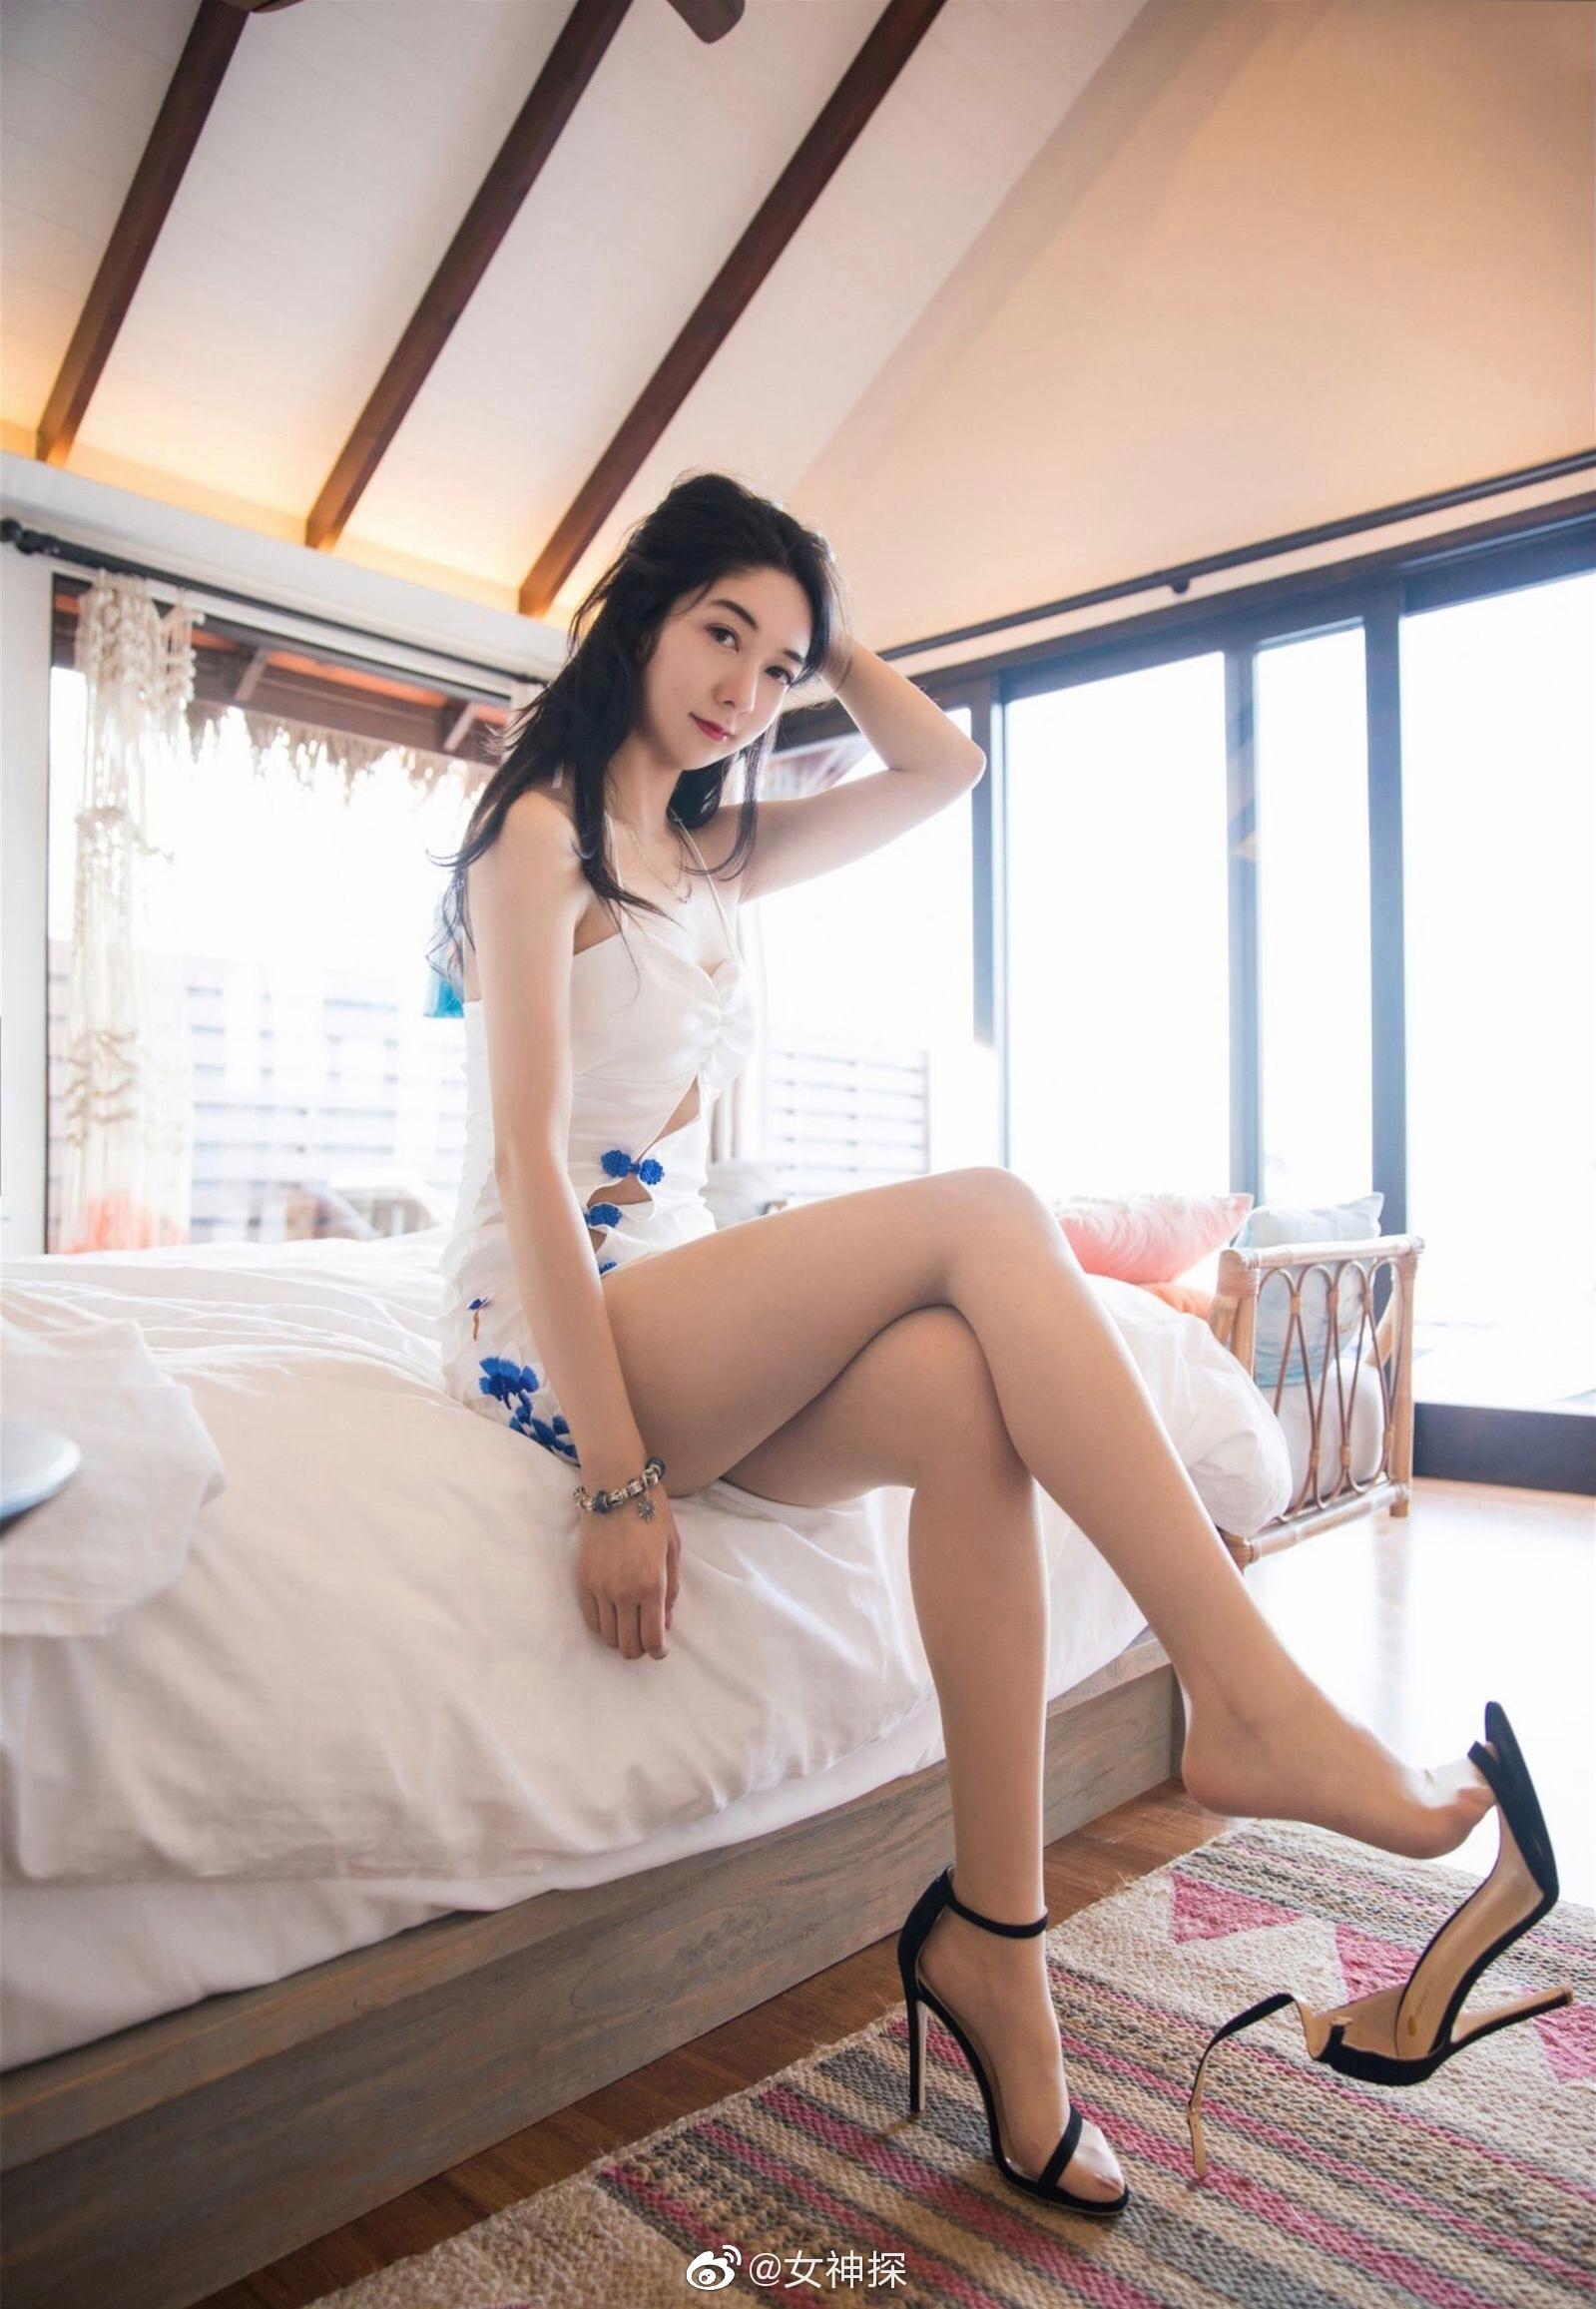 漂亮美女图片段子:深田咏美&桥本环奈 热门段子 热图14